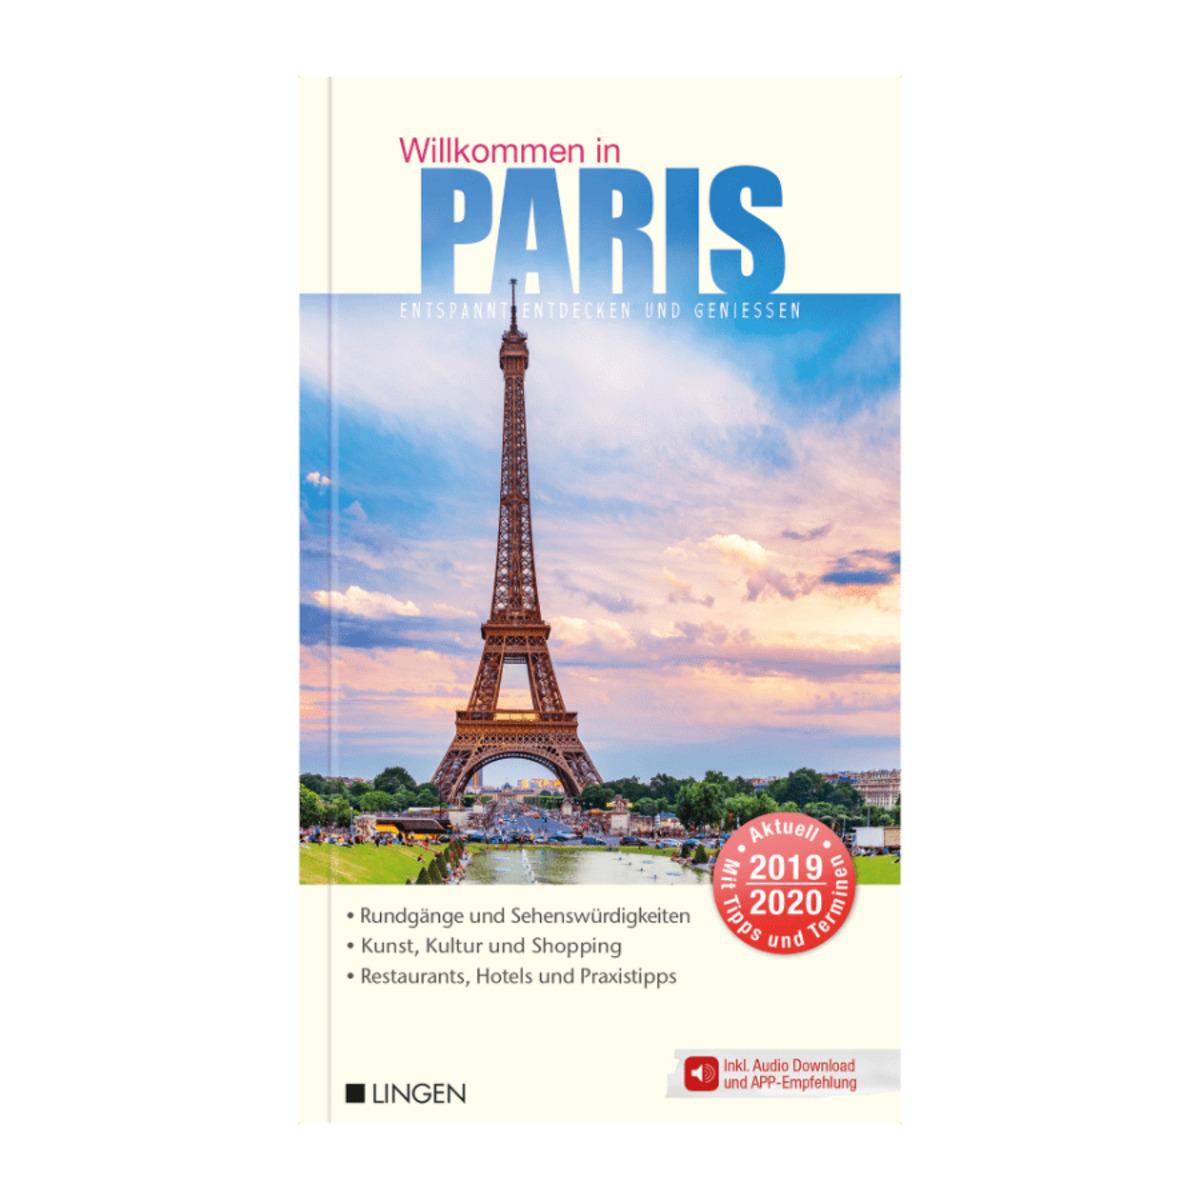 Bild 2 von Reise- und Städteführer